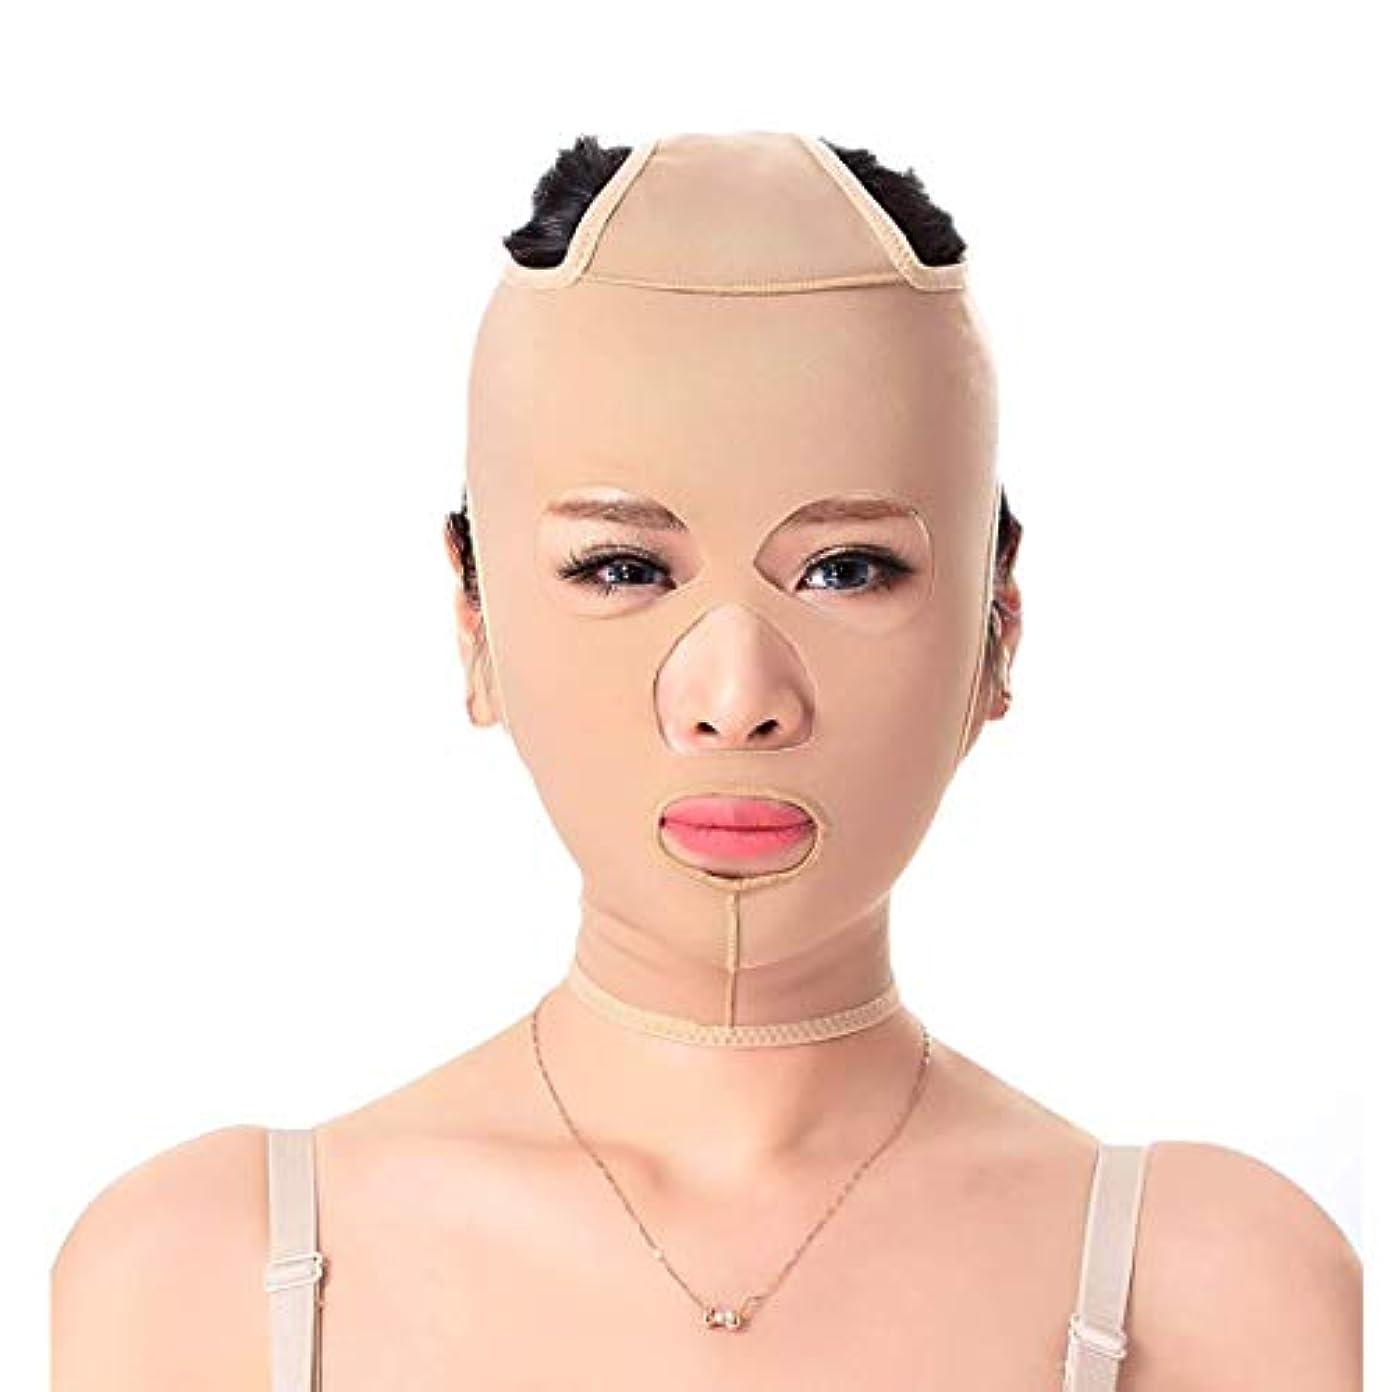 スリミングベルト、二重あごの引き締め顔面プラスチック顔アーティファクト強力な顔の包帯を脇に持ち上げるパターンを欺くためのフェイシャルマスク薄いフェイスマスク(サイズ:XXL),Xl